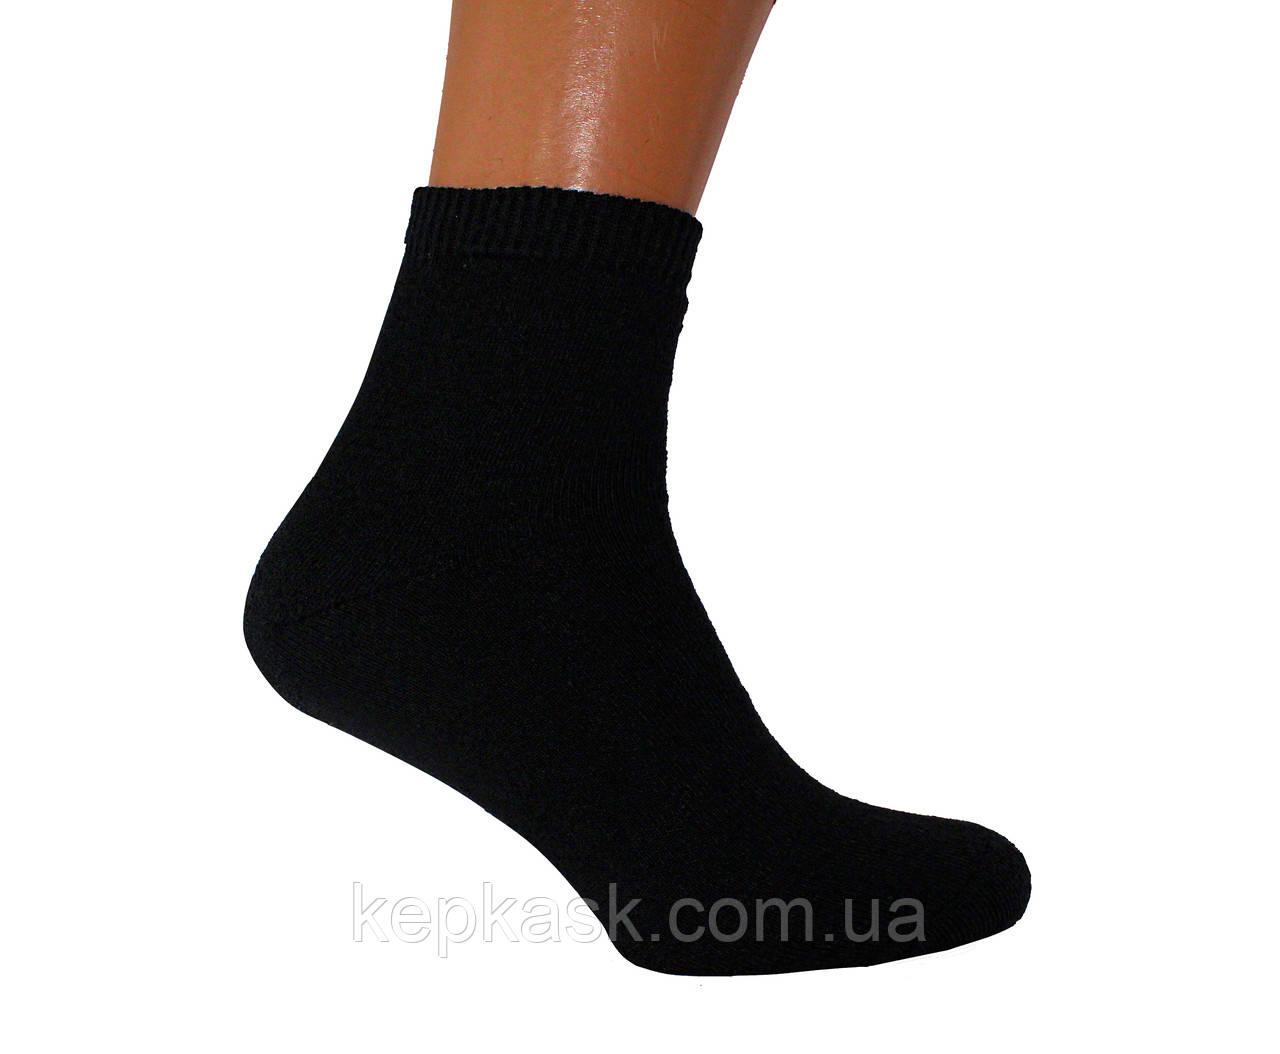 Мужские носки ЖИТОМИР зима махра